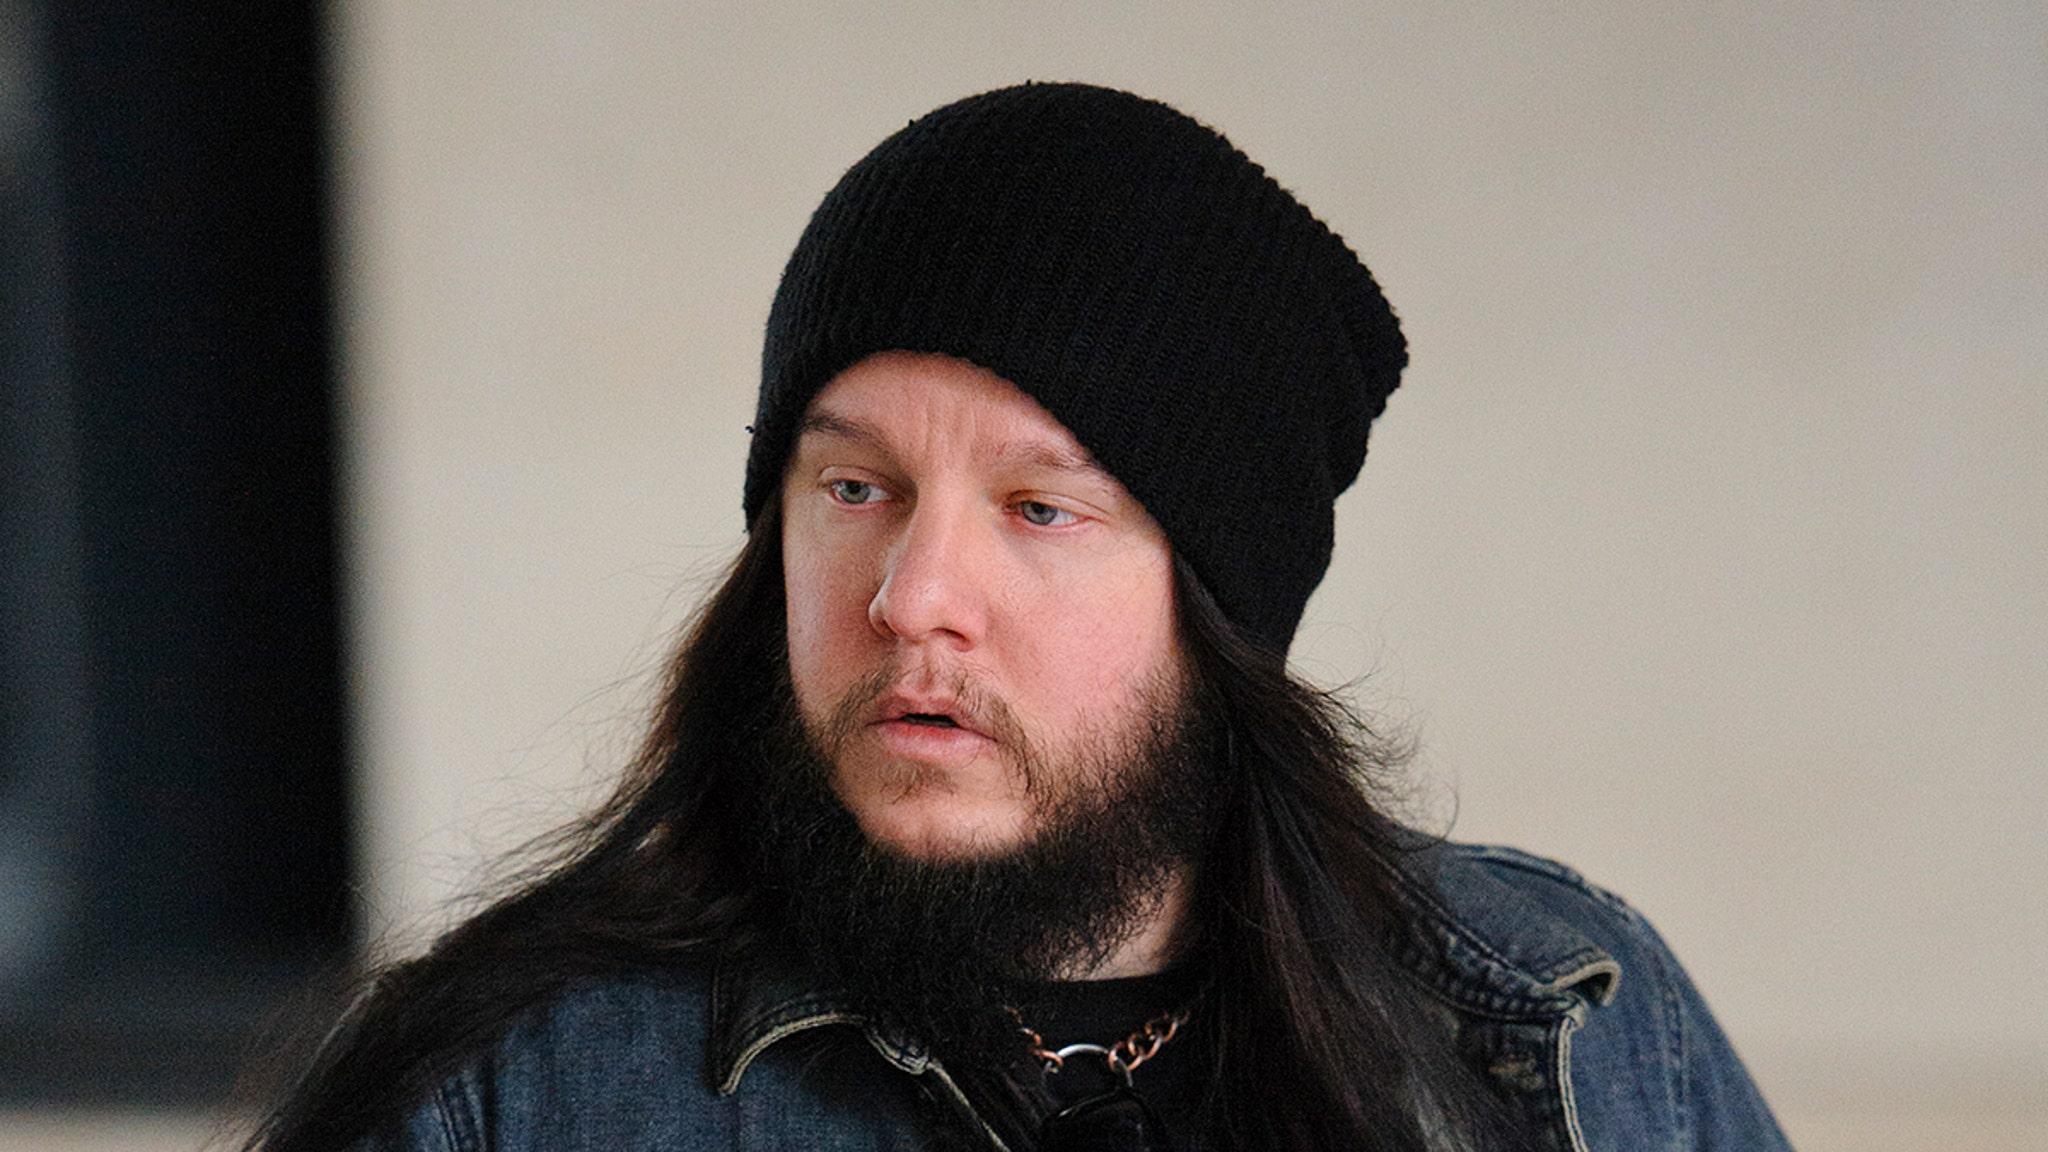 Former Slipknot Drummer Joey Jordison Dead at 46 thumbnail